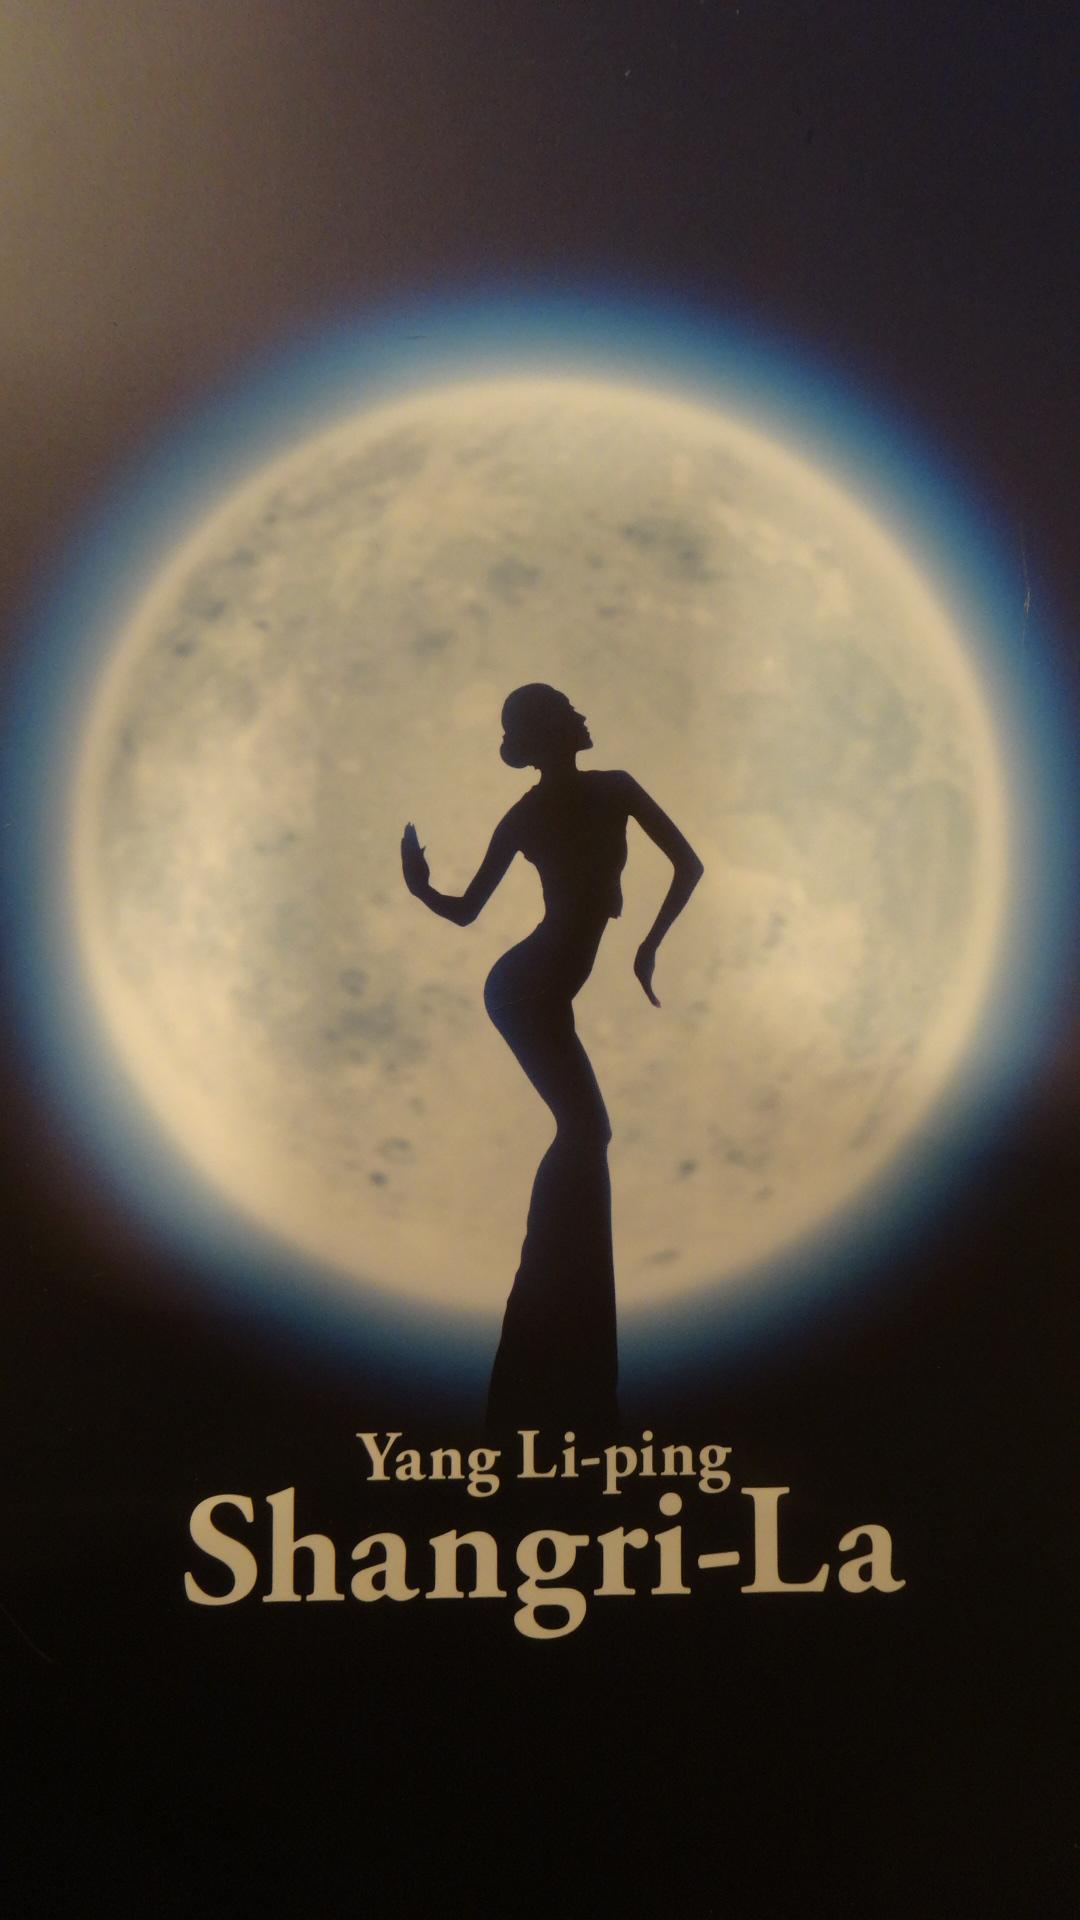 ヤン・リーピン のシャングリラ の宣伝ポスター